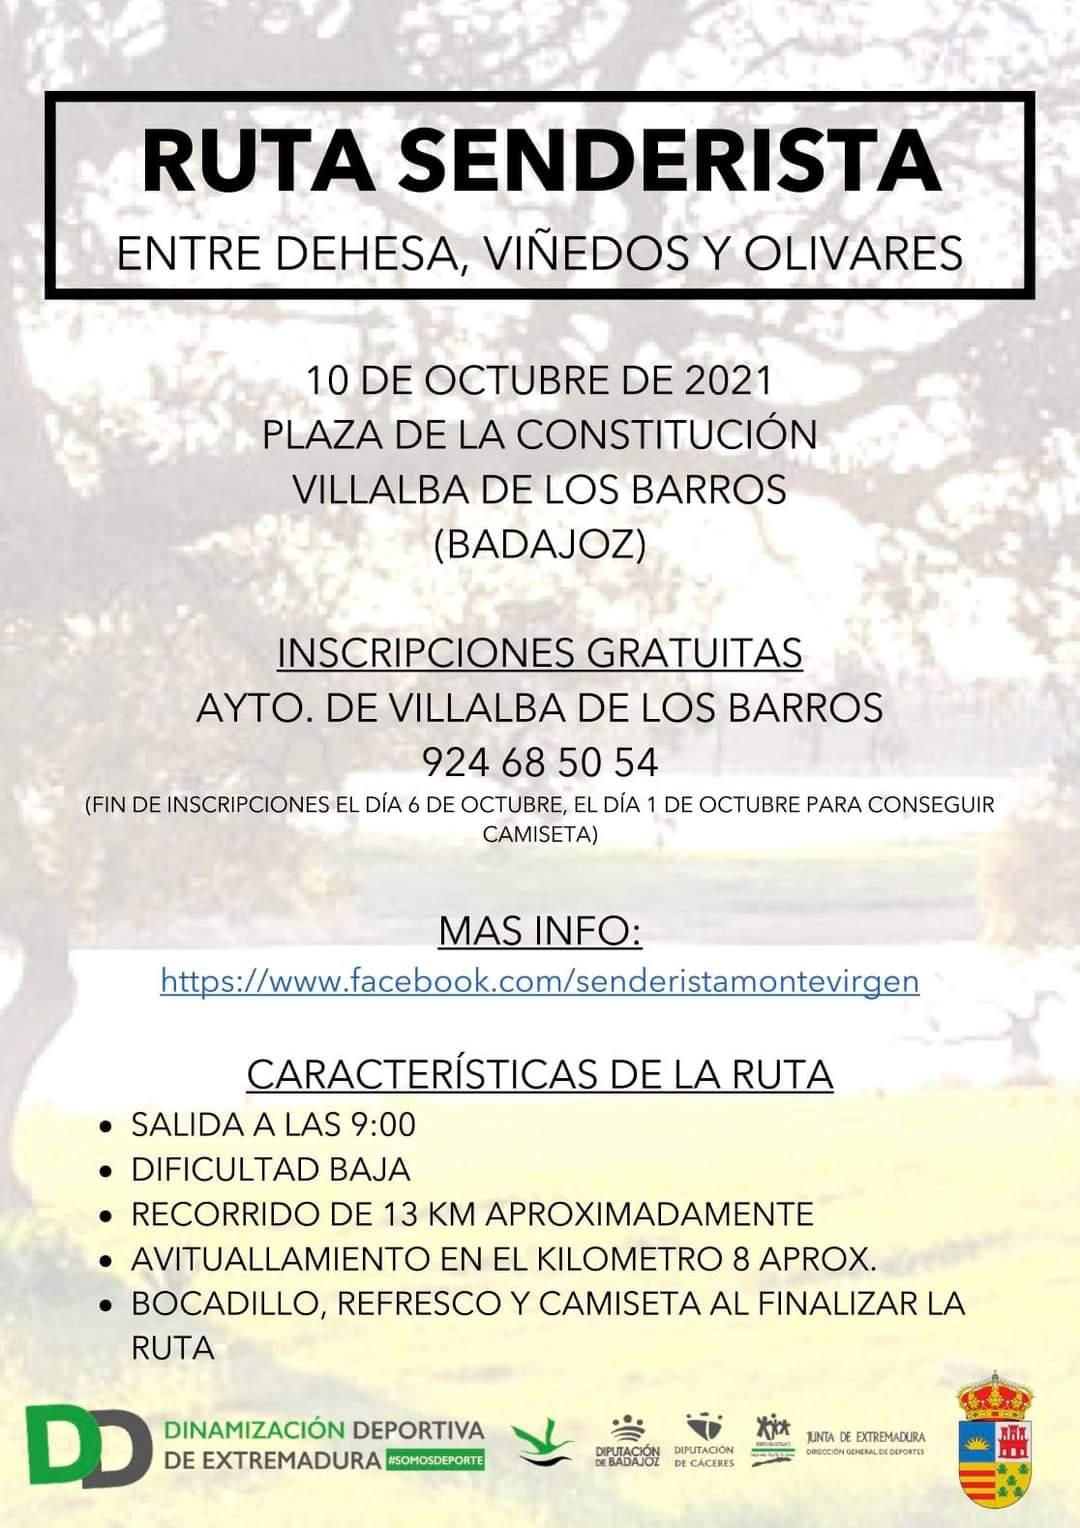 Imagen del Evento Ruta Senderista Entre Dehesa, Viñedos y Olivares